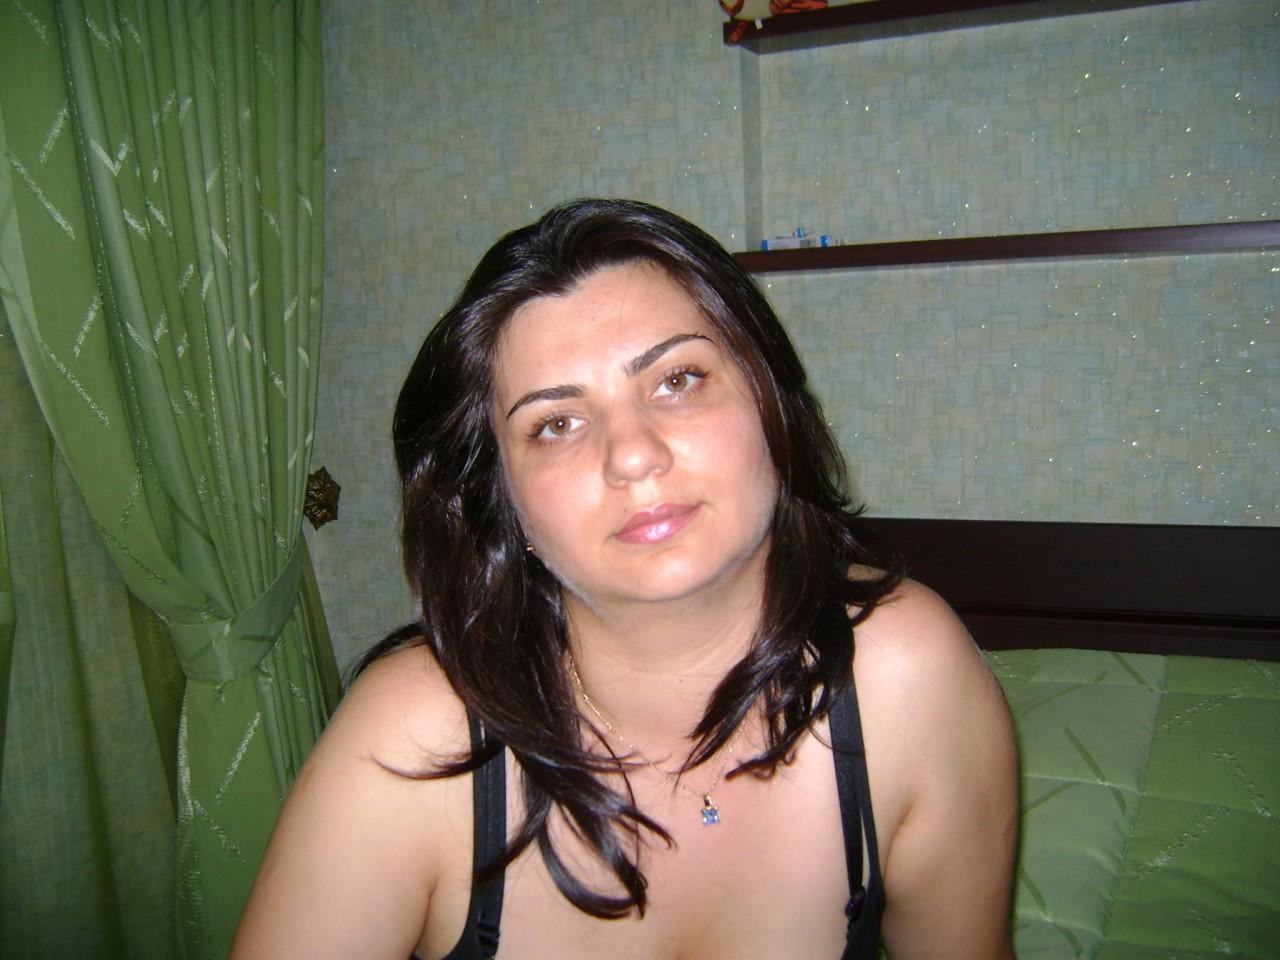 Снять узбечку в москве на час, Проститутки Узбечки И Таджички Питера К Вашим 22 фотография